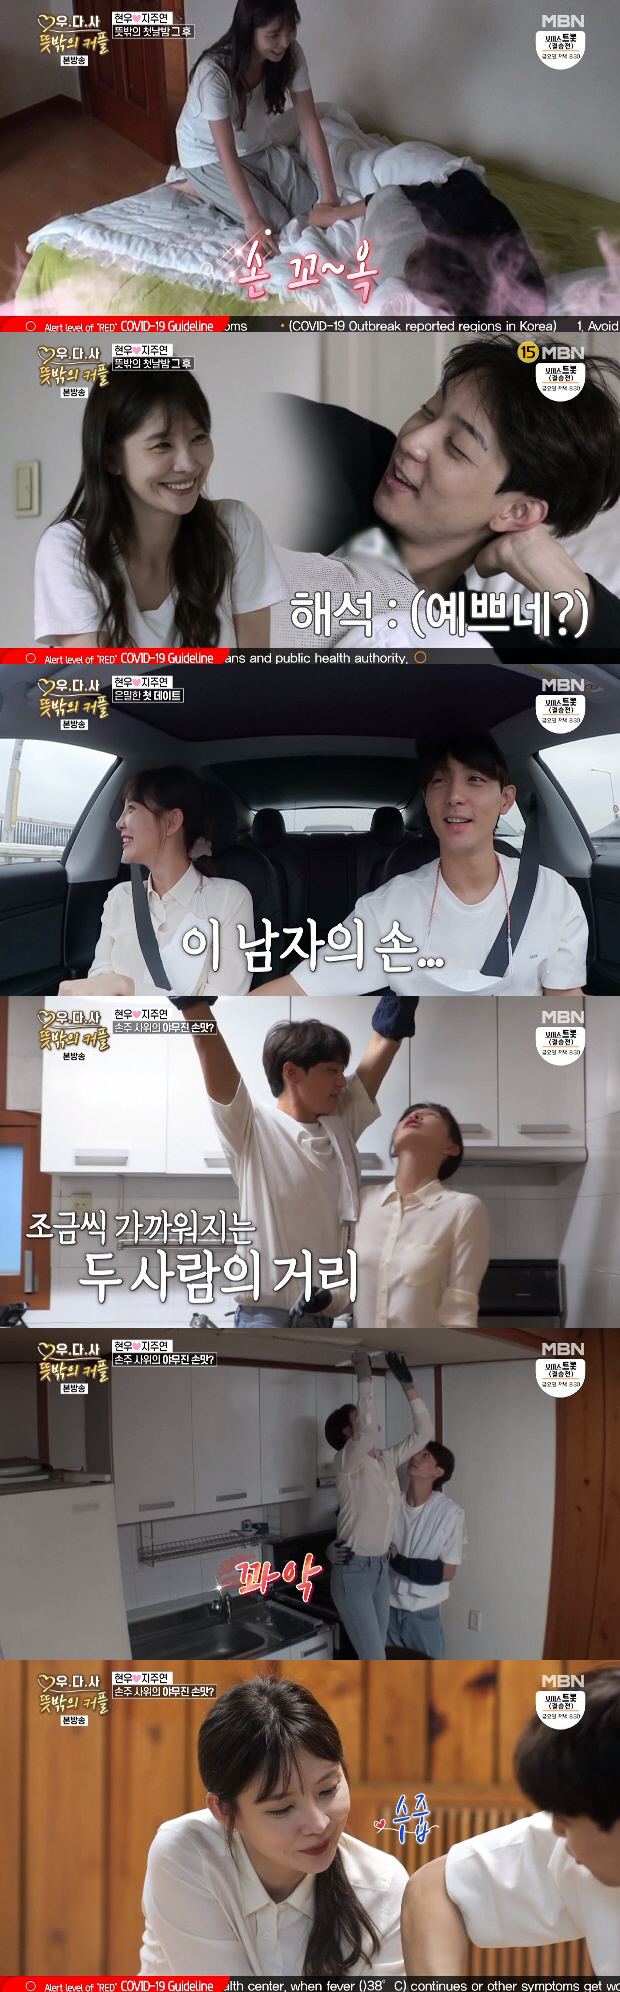 '우다사3' 지주연♥현우, 첫 데이트 '심쿵 스킨십'…황신혜♥김용건 '캠핑카 첫날밤' [종합]